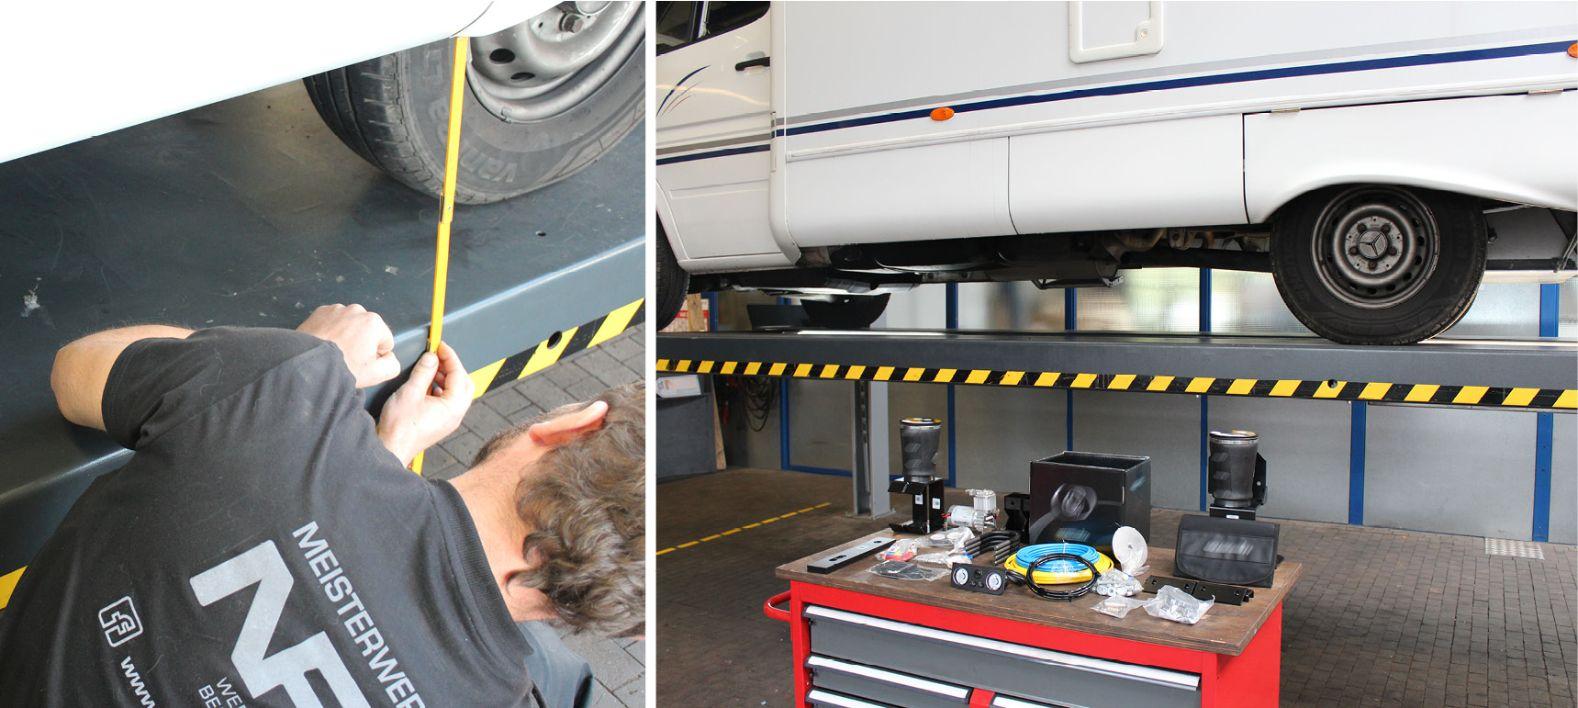 Nachrüstung Luftfederung an einem Wohnmobil